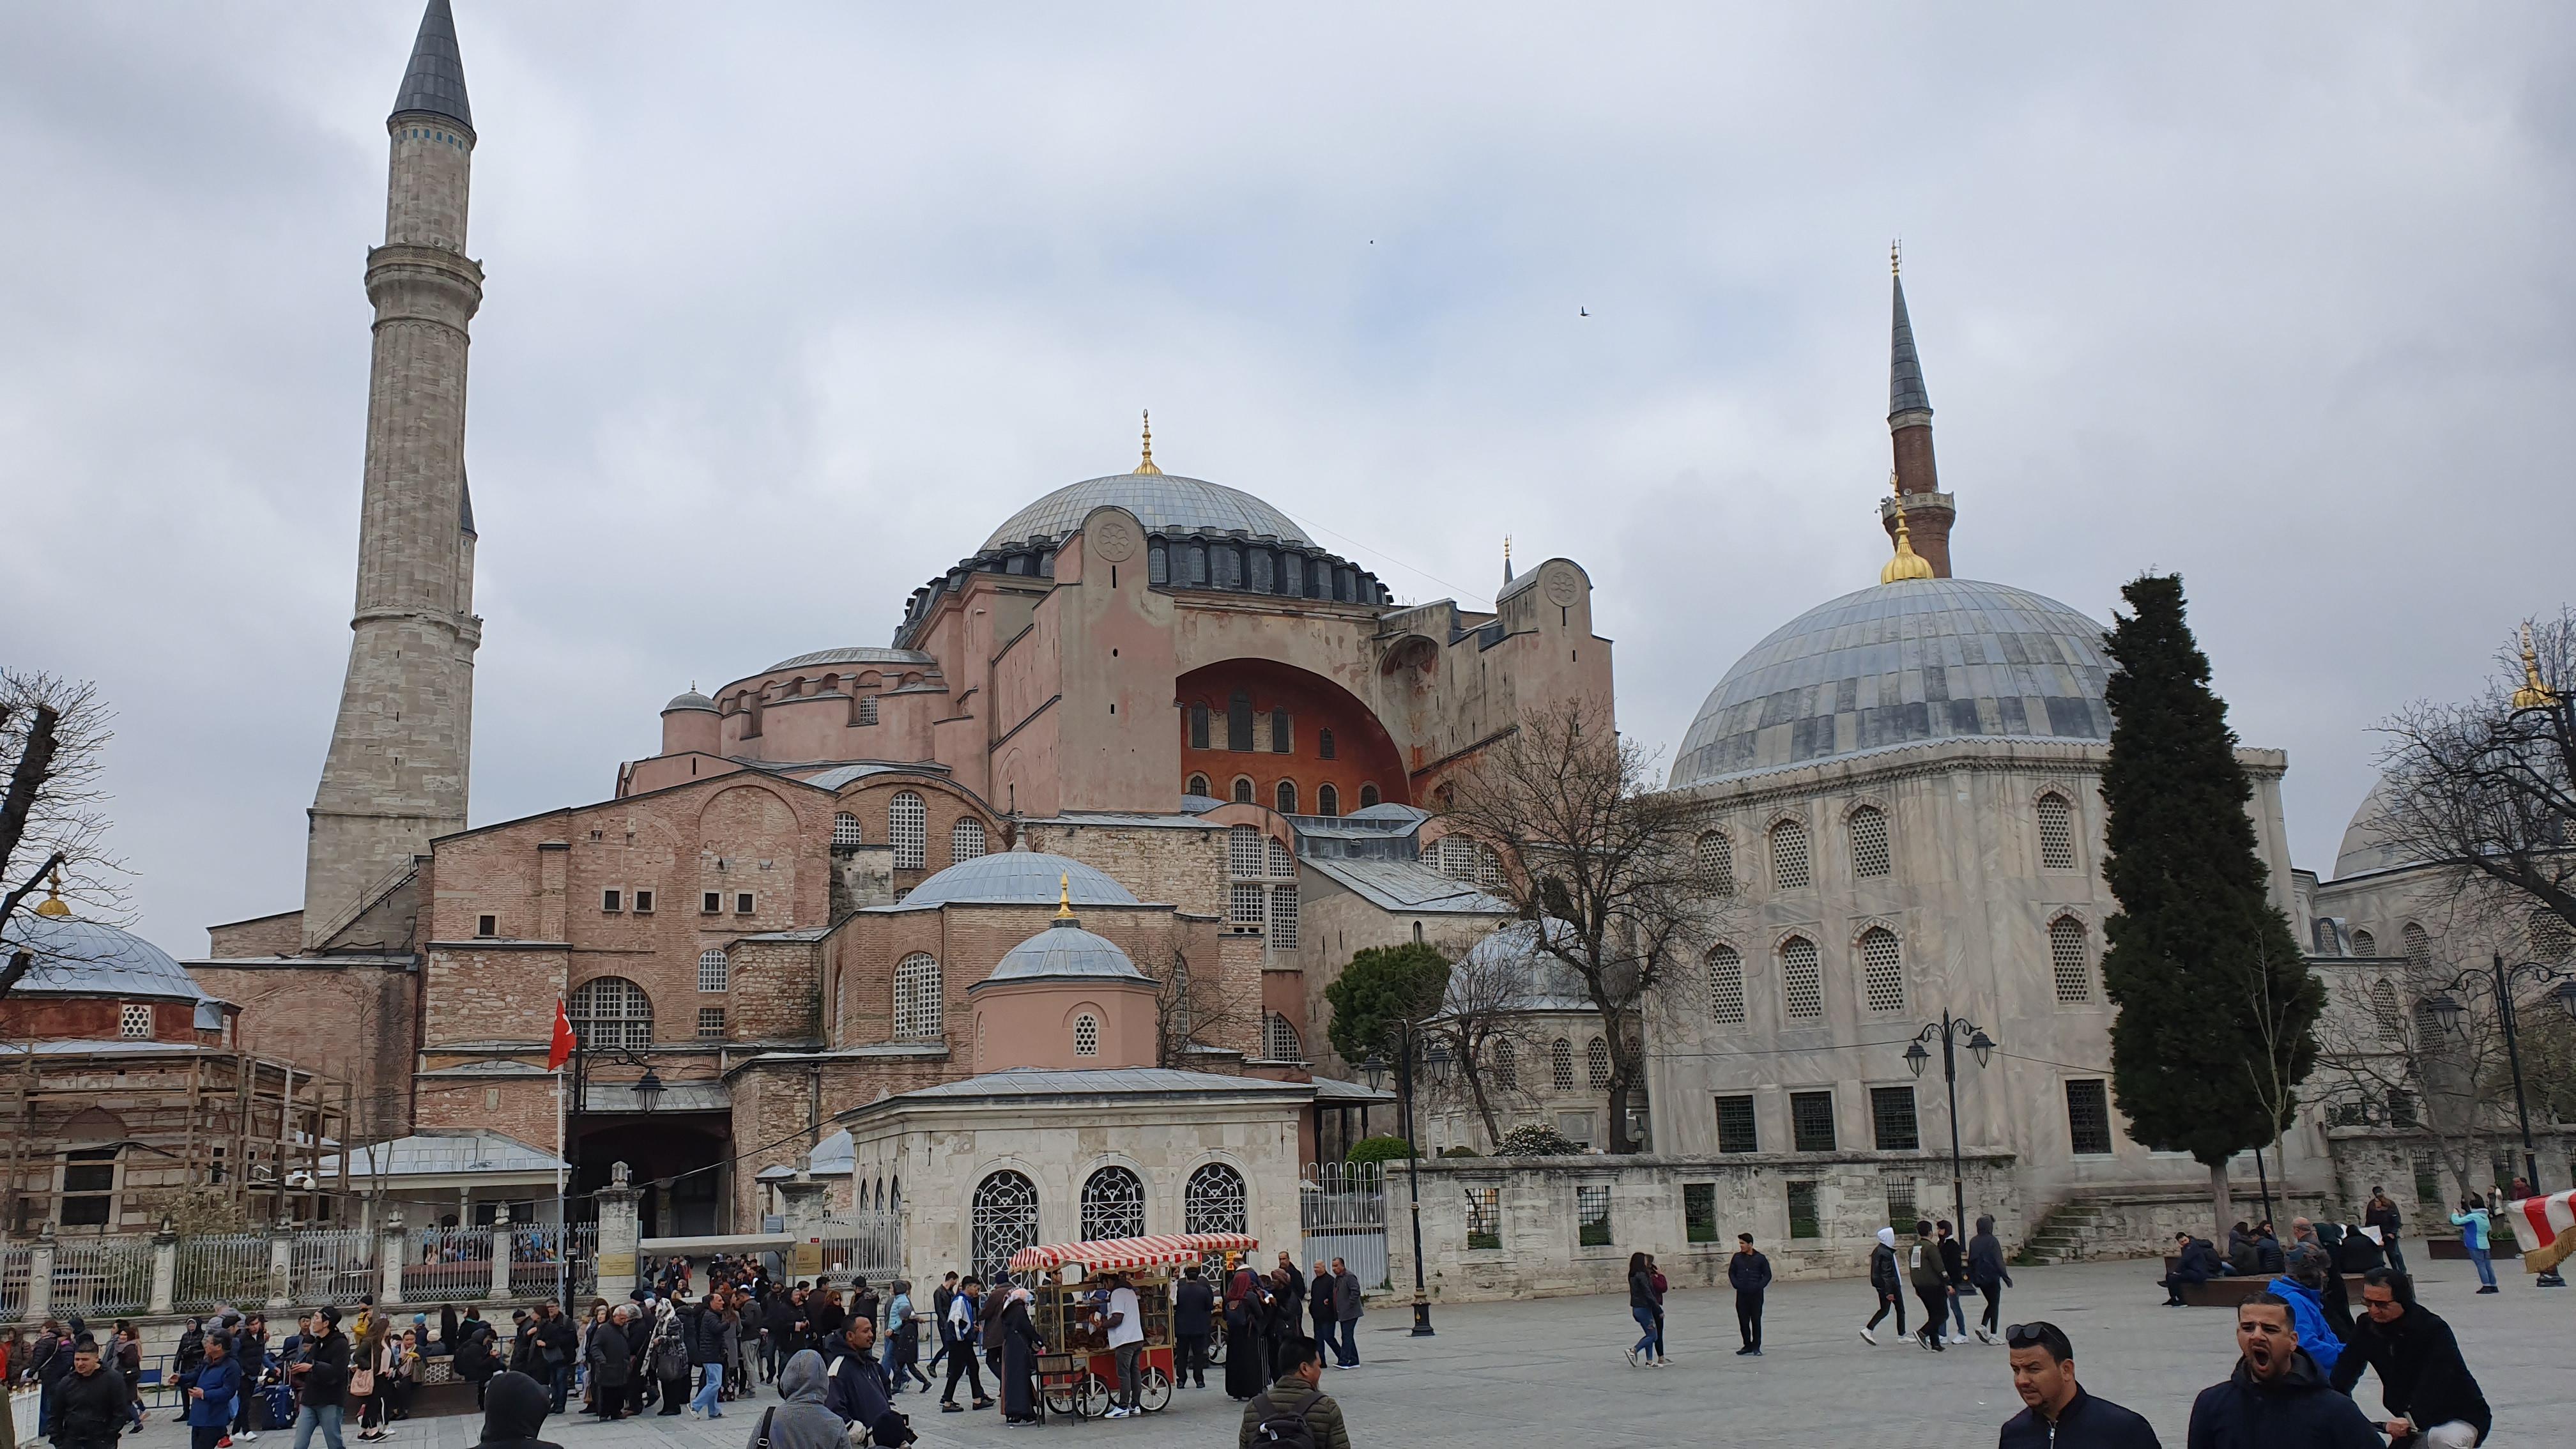 Laporan dari Turki: Hagia Sophia Saksi Dua Agama Besar di Istanbul